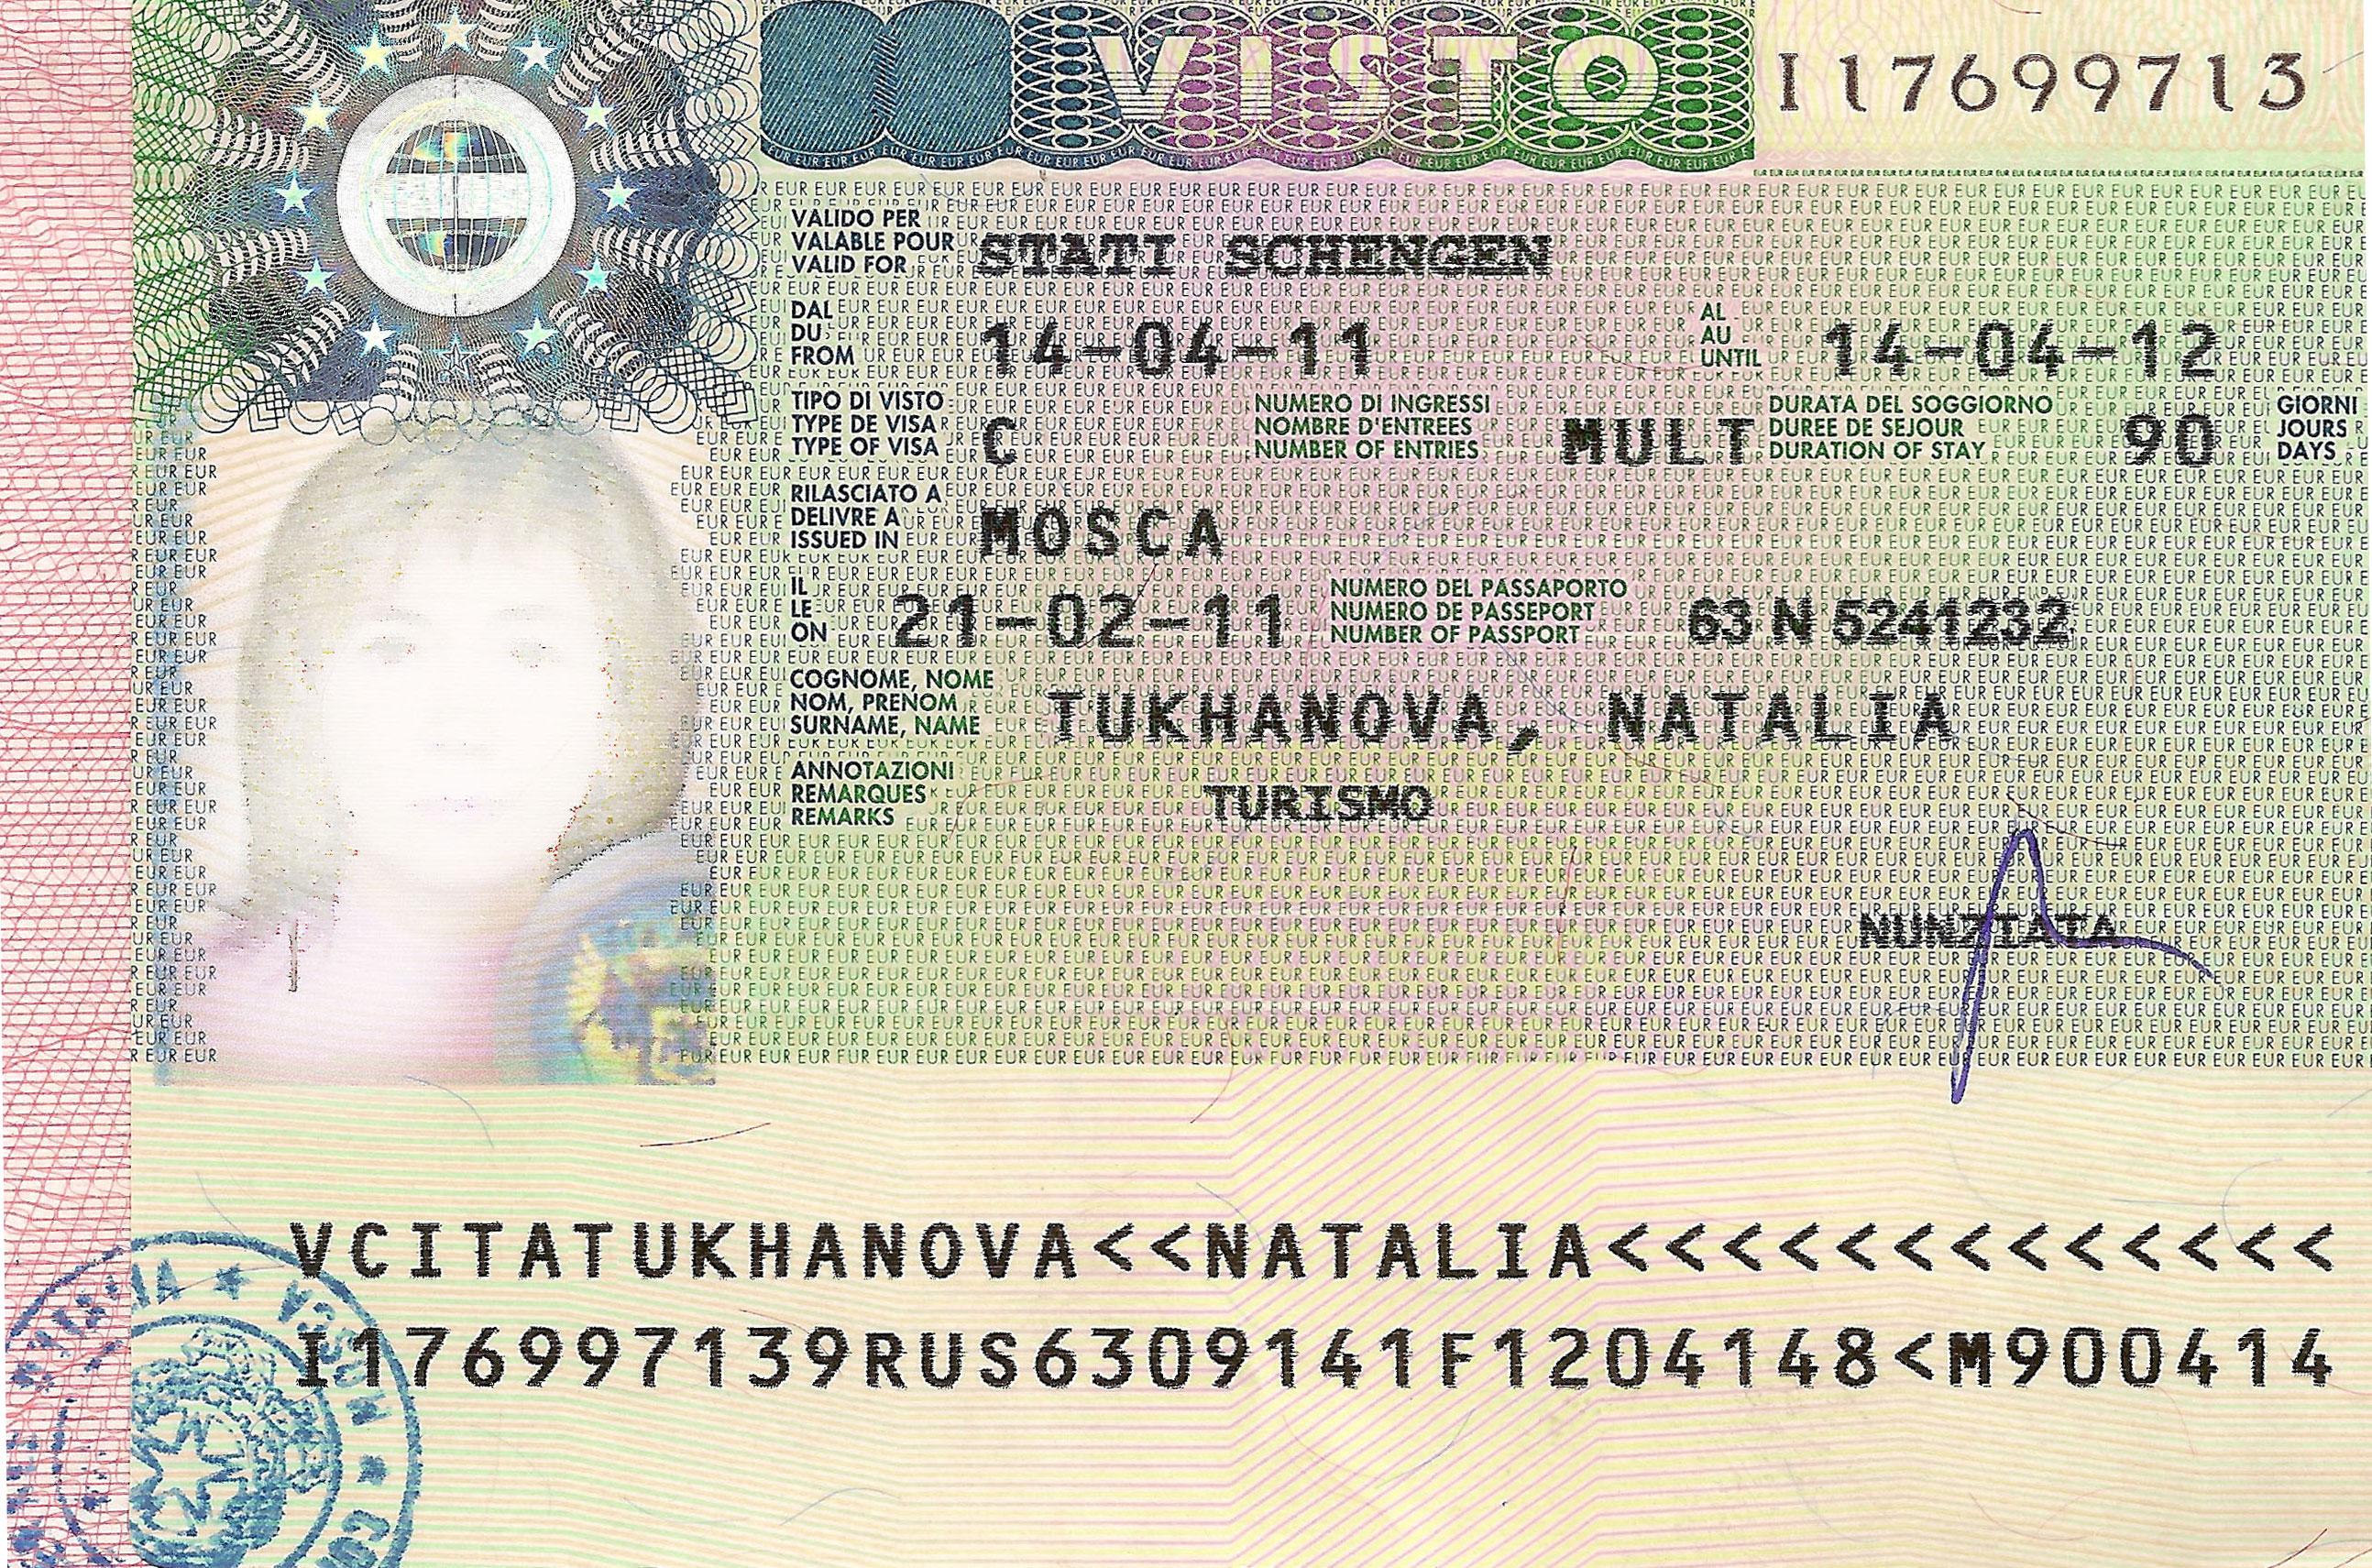 итальянская виза фрилансеру